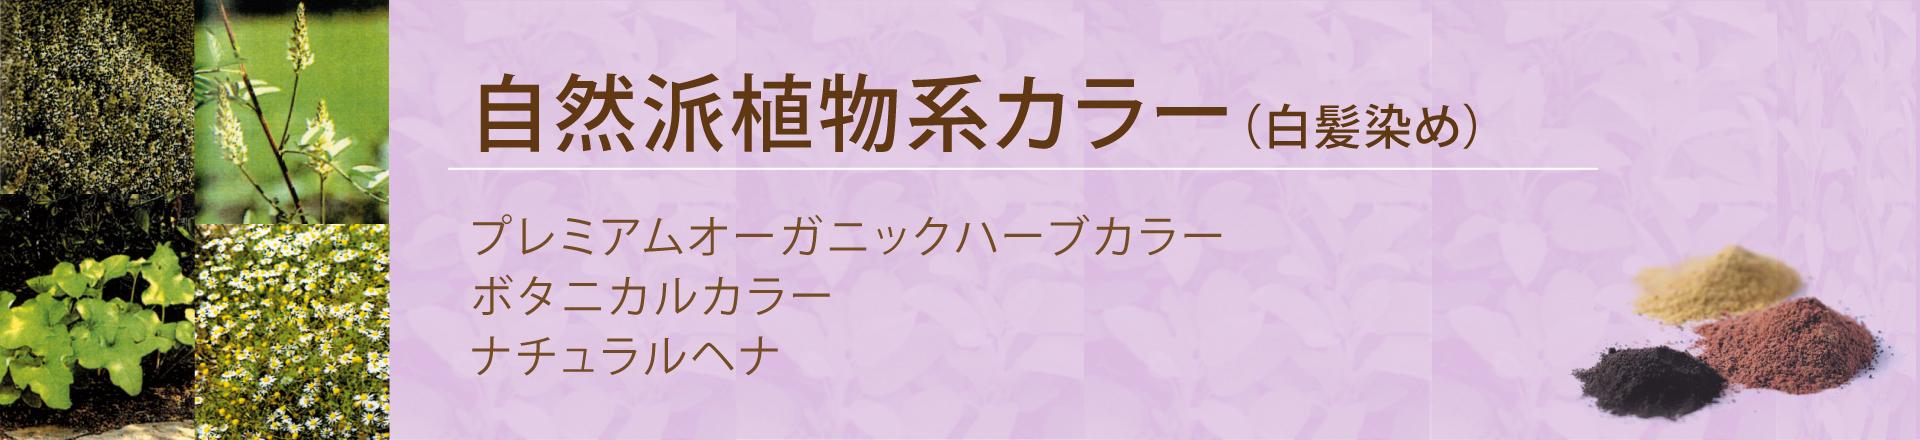 自然派植物系カラー(白髪染め) プレミアムオーガニックハーブカラー・和漢カラー/香草カラー・ナチュラルヘナ